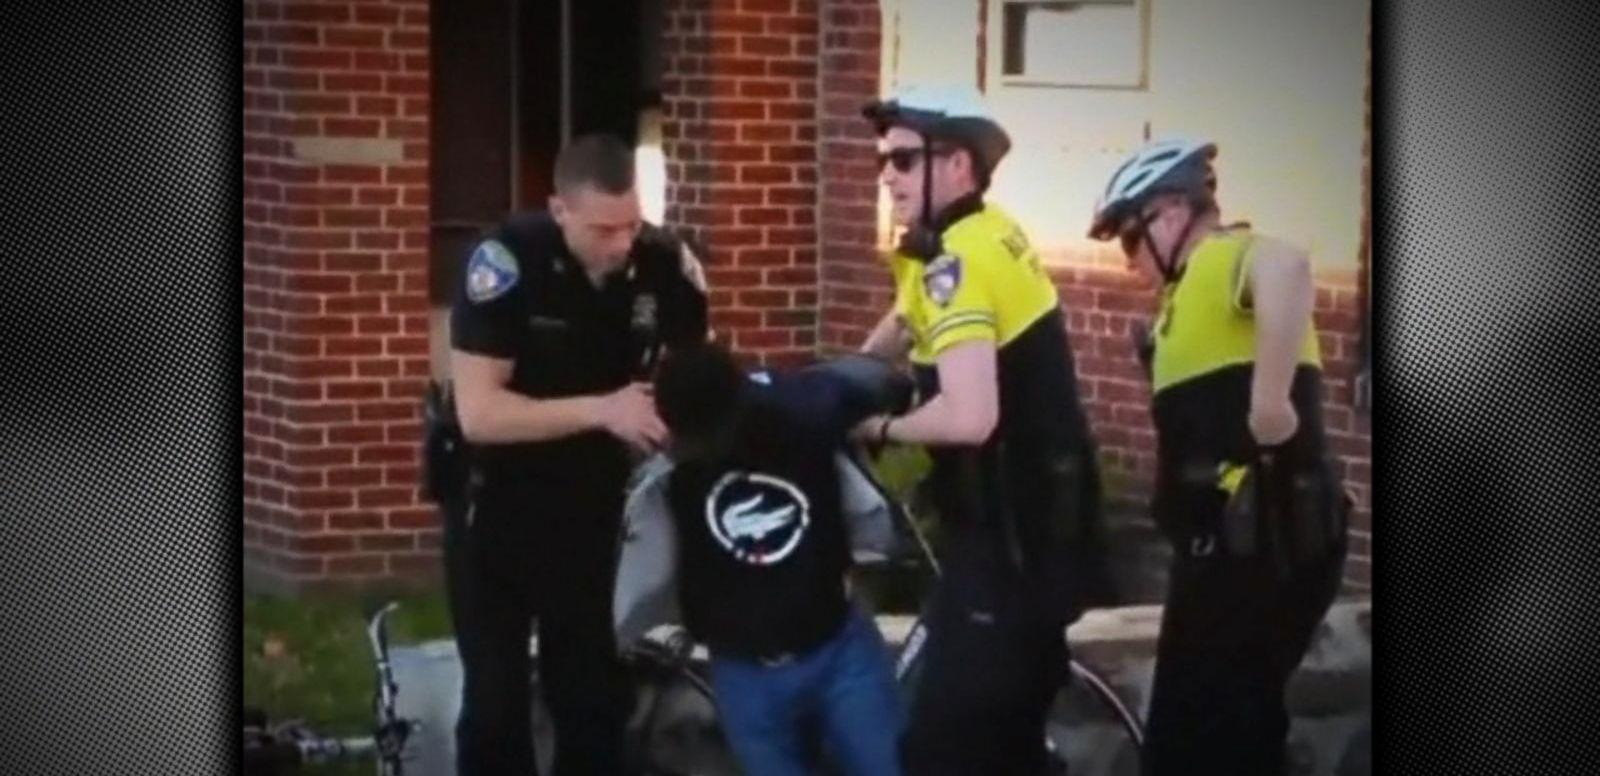 VIDEO: Freddie Gray Manslaughter Trial Begins